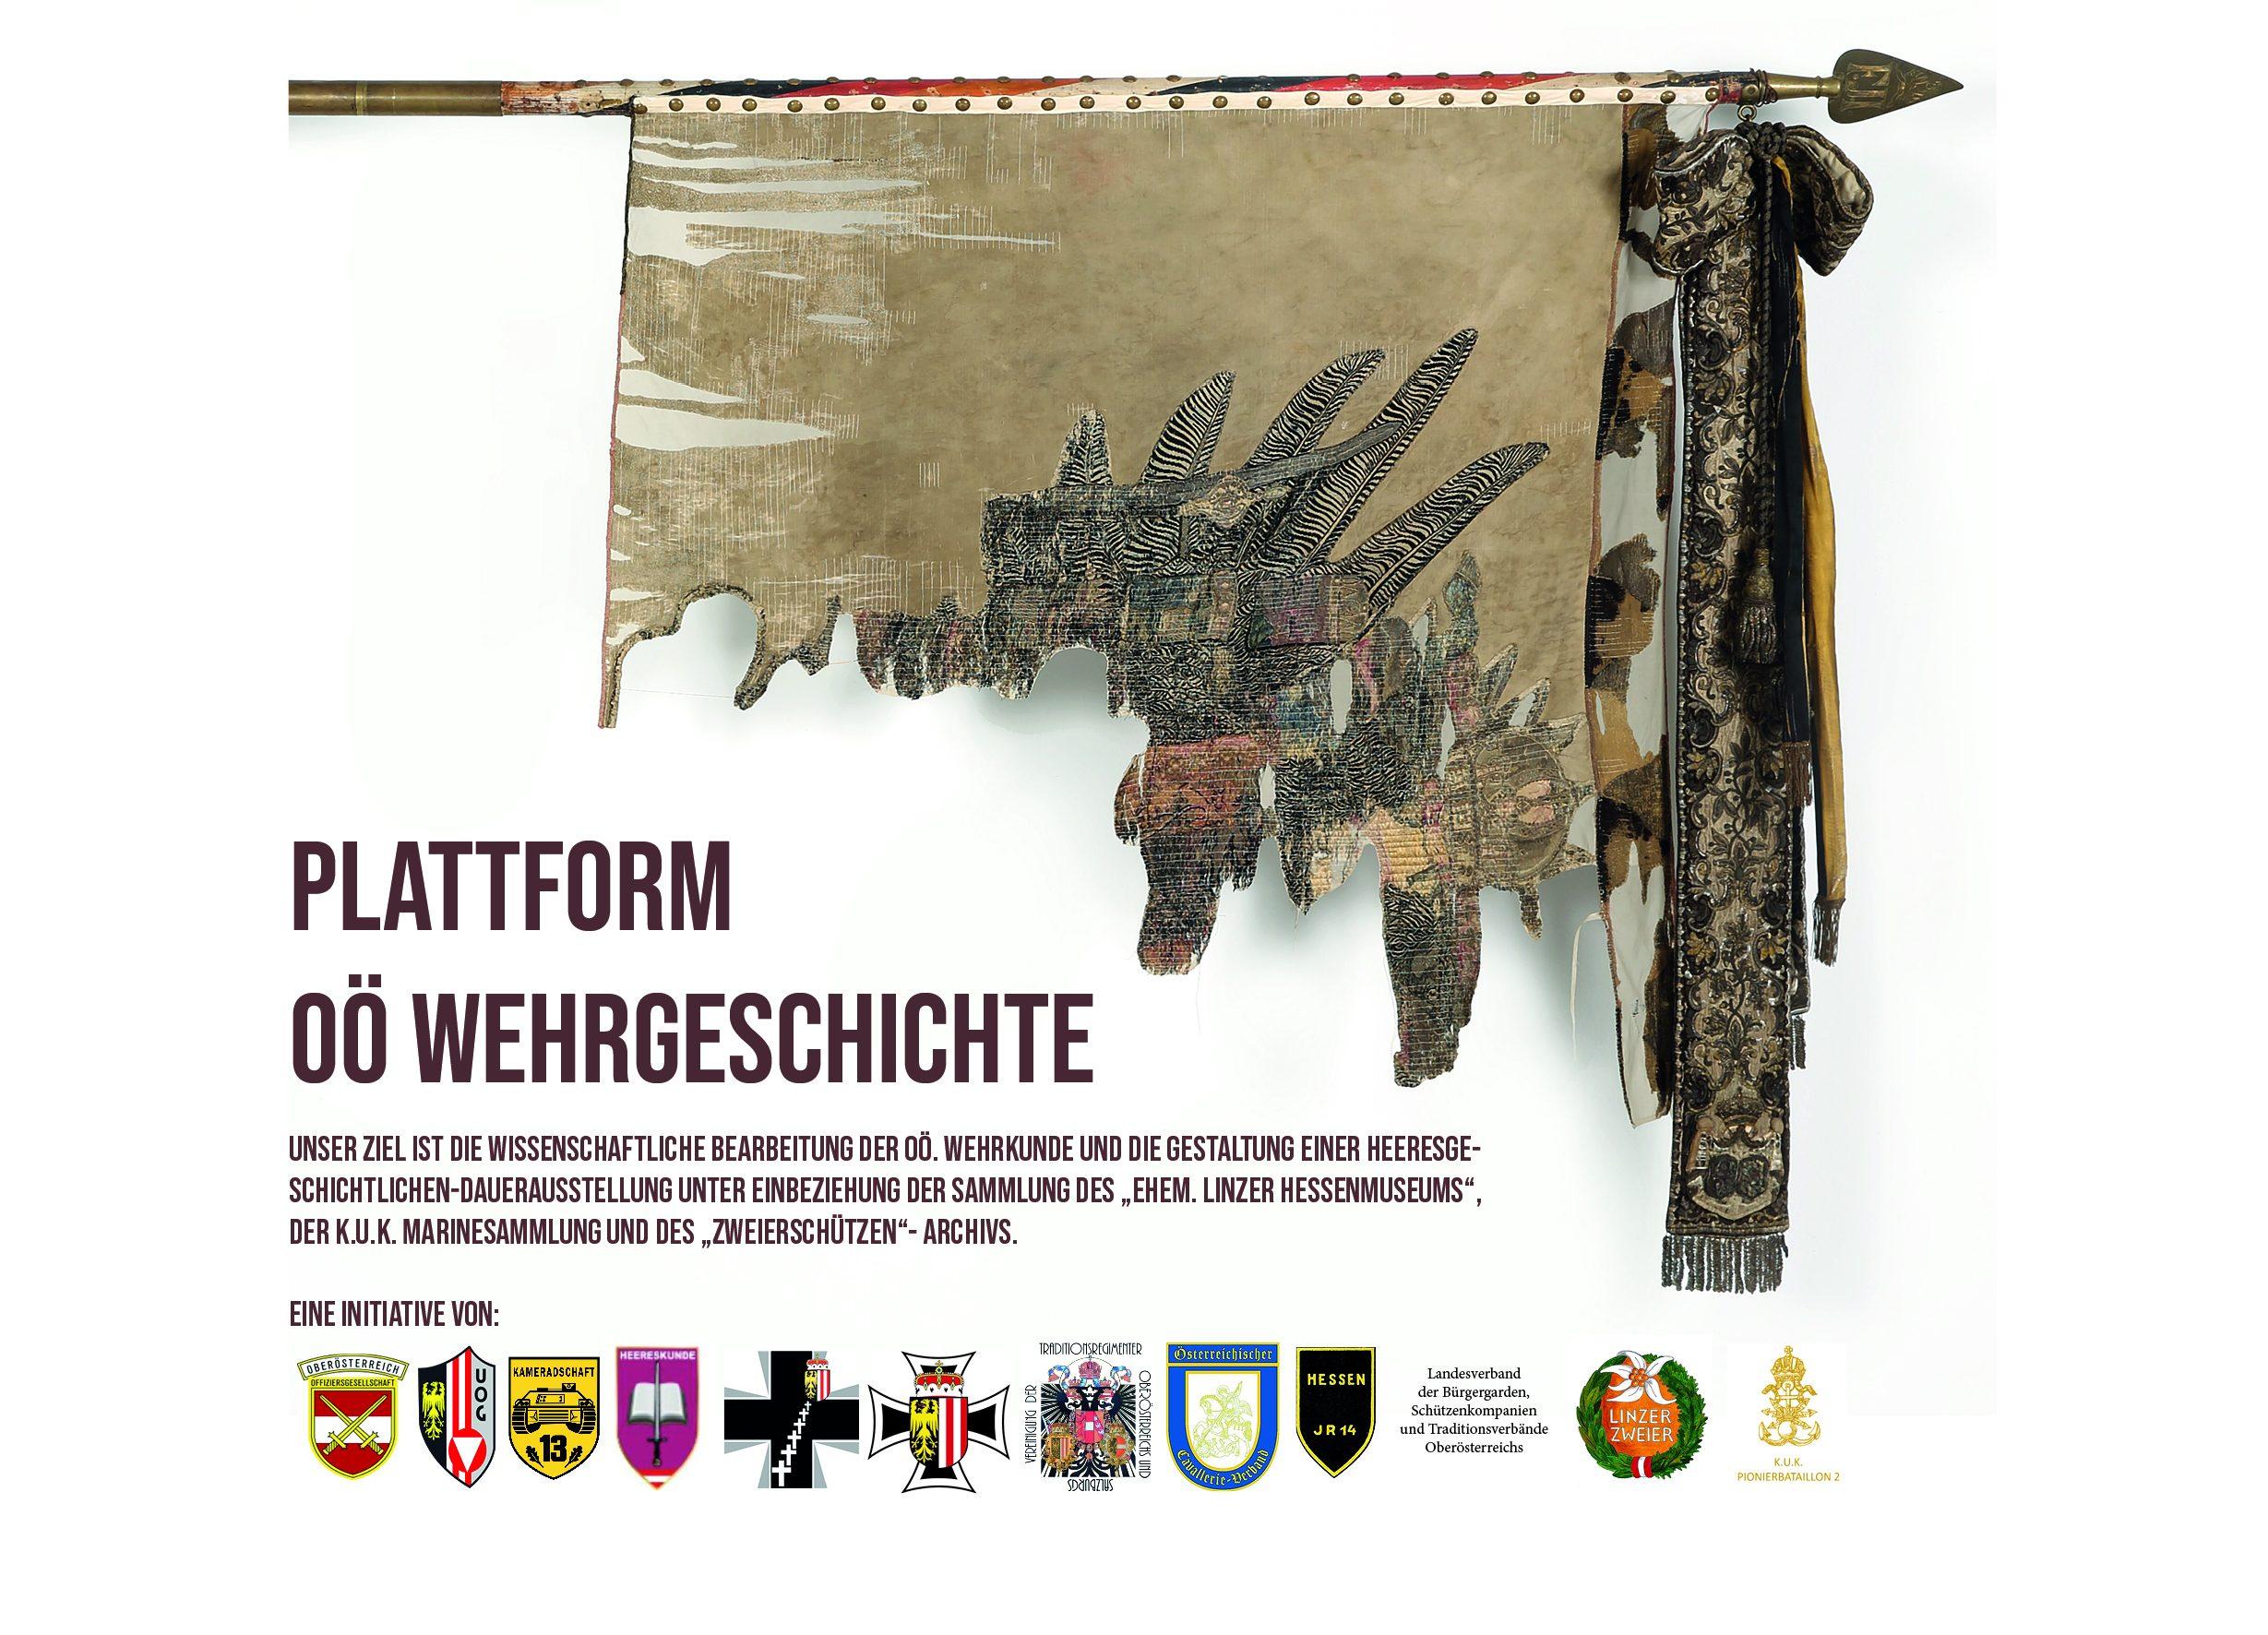 Plattform Wehrgeschichte OOE